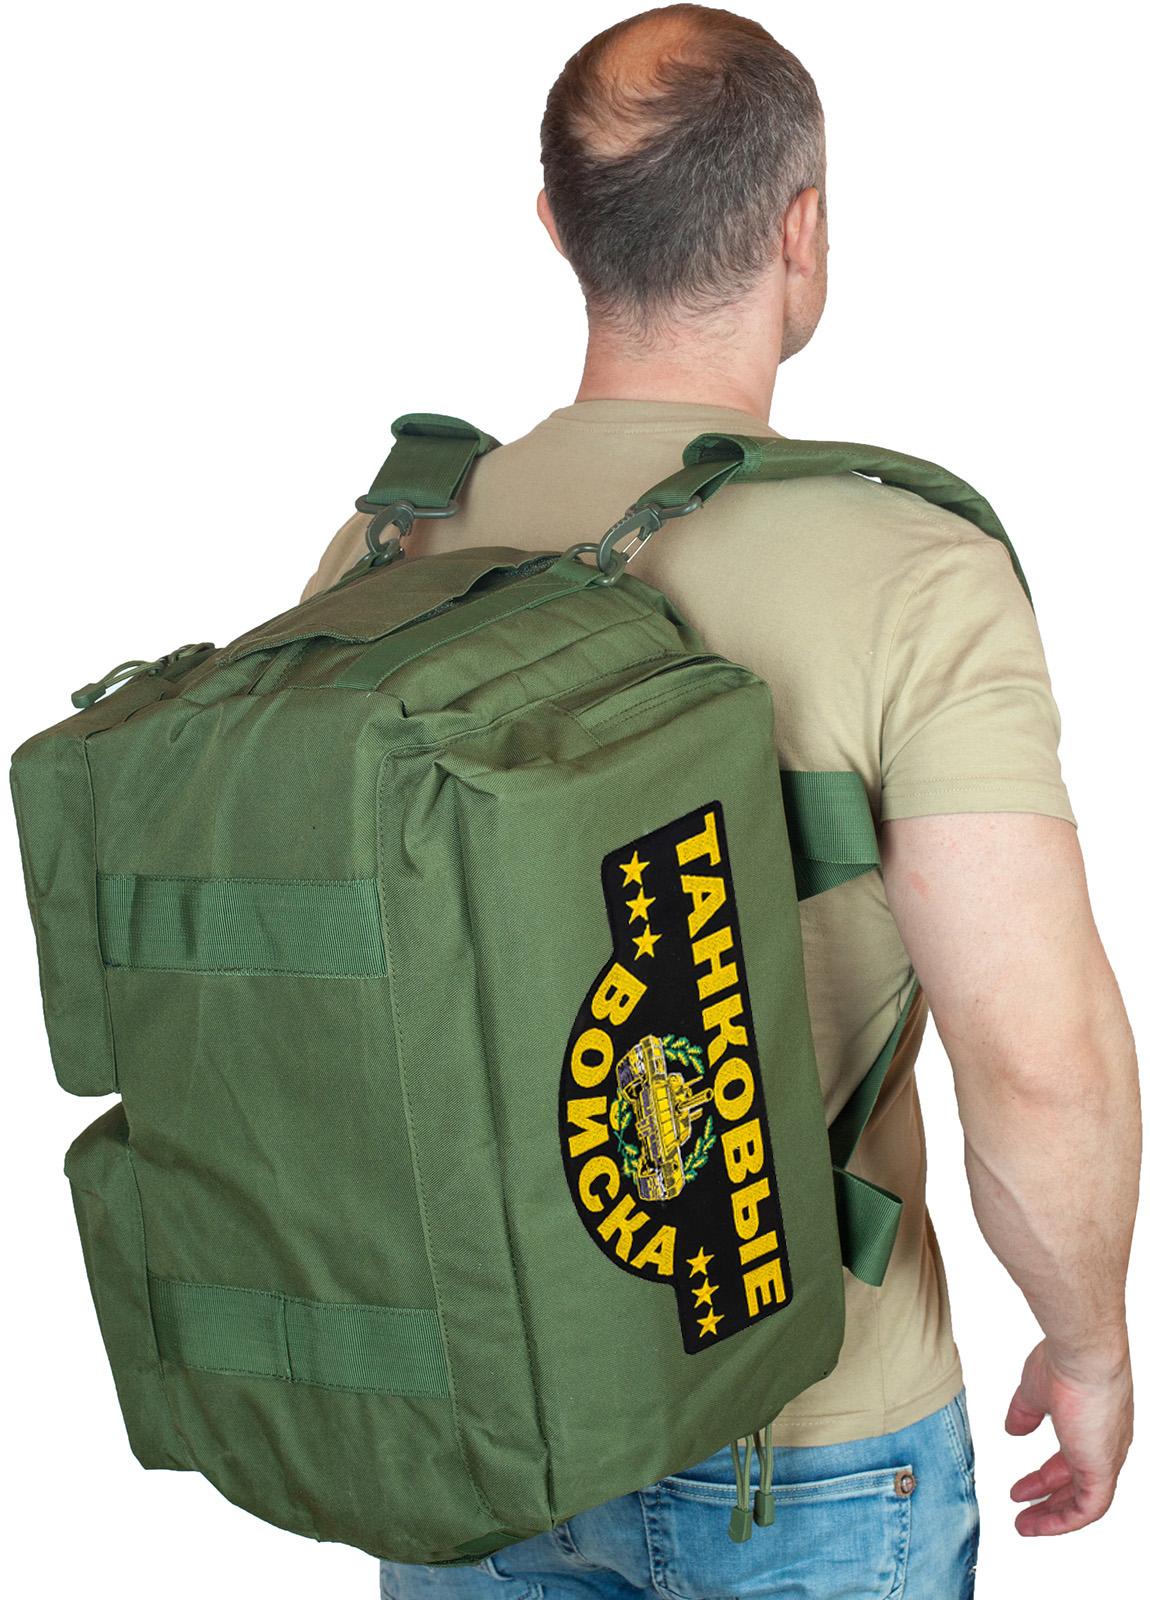 Купить походную сумку-рюкзак с нашивкой Танковые Войска по экономичной цене